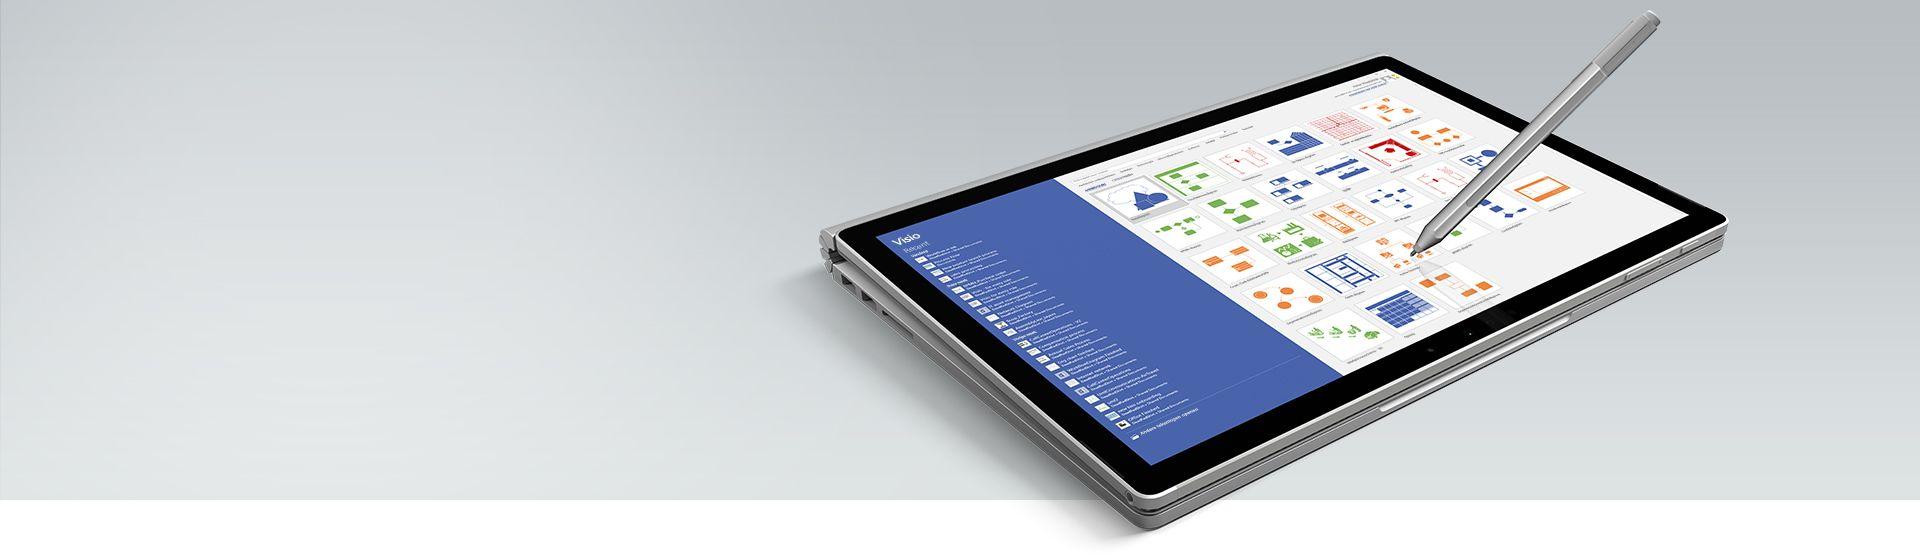 Een Microsoft Surface-tablet met beschikbare sjablonen en een lijst met recente bestanden in Visio